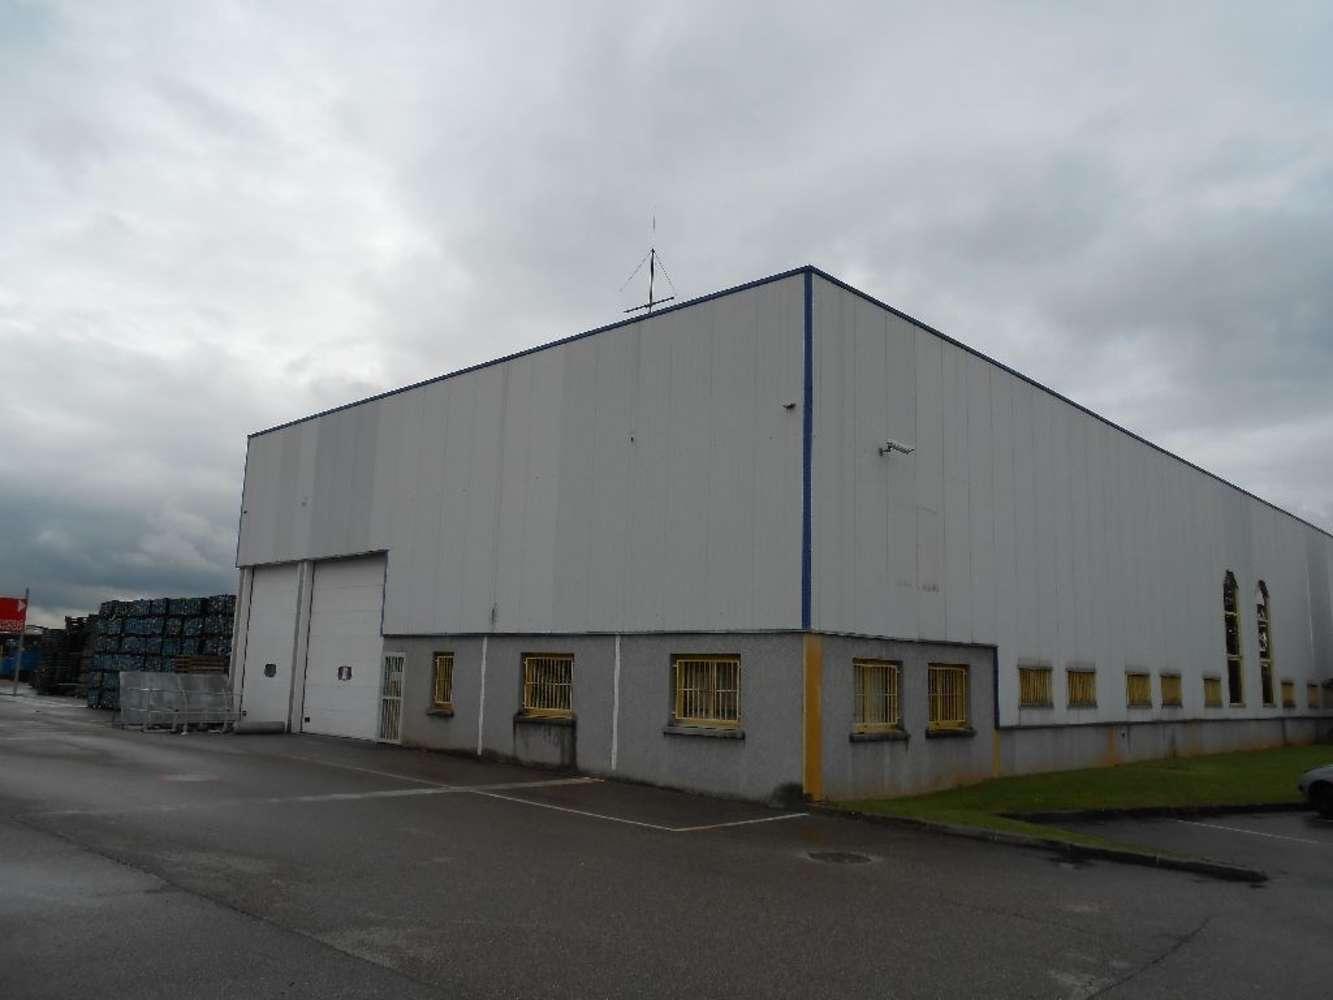 Activités/entrepôt Chassieu, 69680 - Entrepot à louer - Chassieu - Est Lyon - 9932876